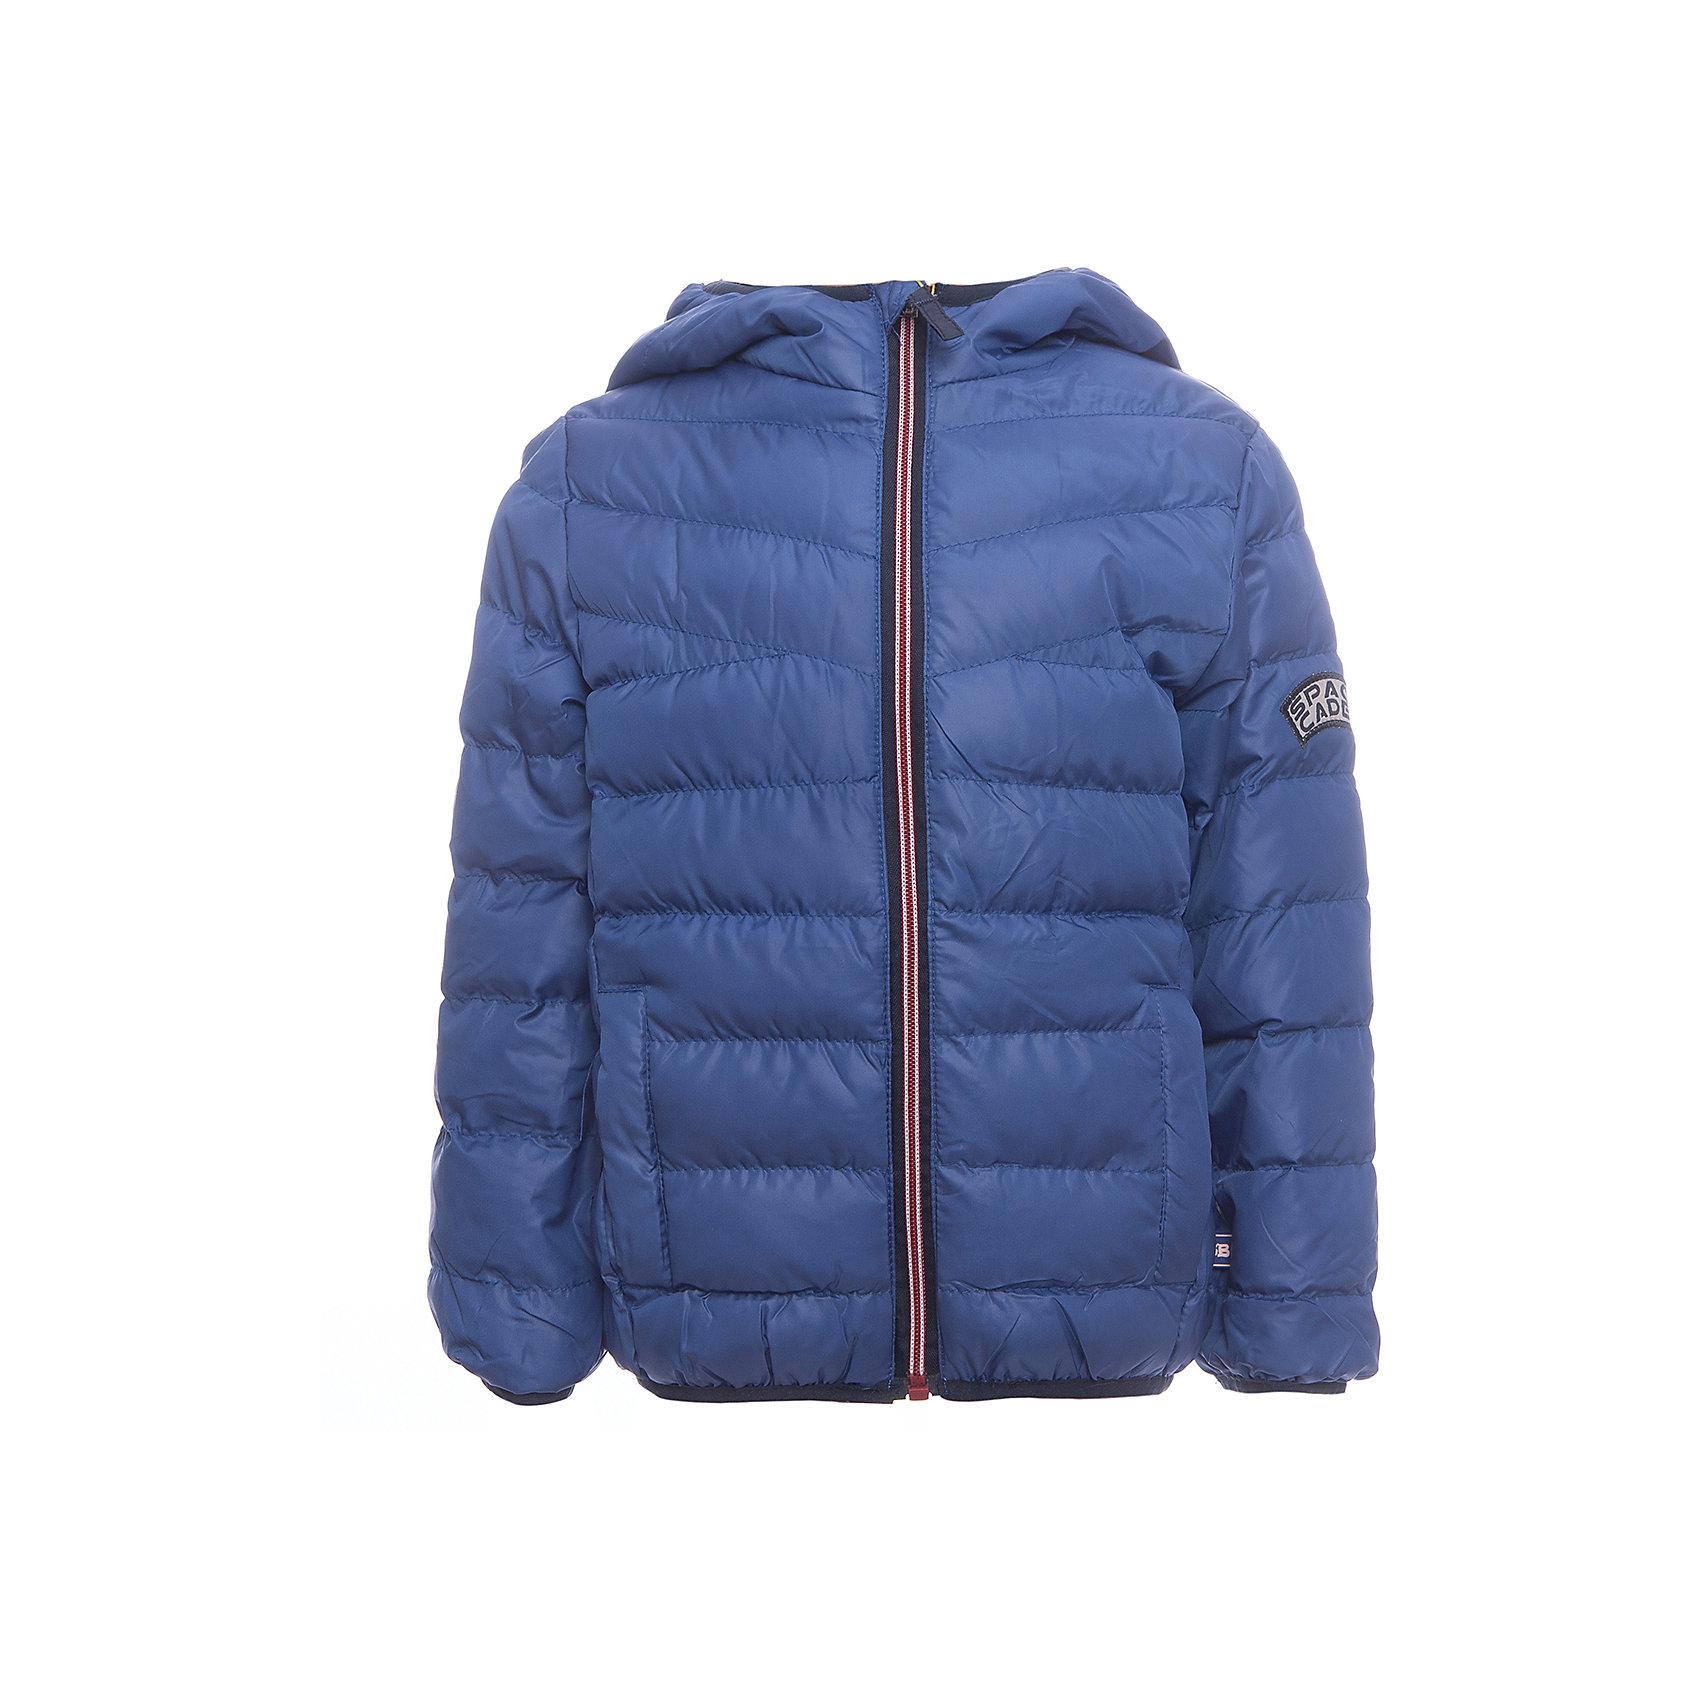 Куртка Sweet Berry для мальчикаДемисезонные куртки<br>Куртка Sweet Berry для мальчика<br>Яркая стеганая куртка с несъемным капюшоном для мальчика. Два прорезных кармана. Капюшон, рукава и низ изделия с контрастной окантовочной резинкой. Куртка застегивается на молнию.<br>Состав:<br>Верх: 100% полиэстер Подкладка: 100% полиэстер Наполнитель 100% полиэстер<br><br>Ширина мм: 356<br>Глубина мм: 10<br>Высота мм: 245<br>Вес г: 519<br>Цвет: синий<br>Возраст от месяцев: 84<br>Возраст до месяцев: 96<br>Пол: Мужской<br>Возраст: Детский<br>Размер: 128,98,104,110,116,122<br>SKU: 7094615